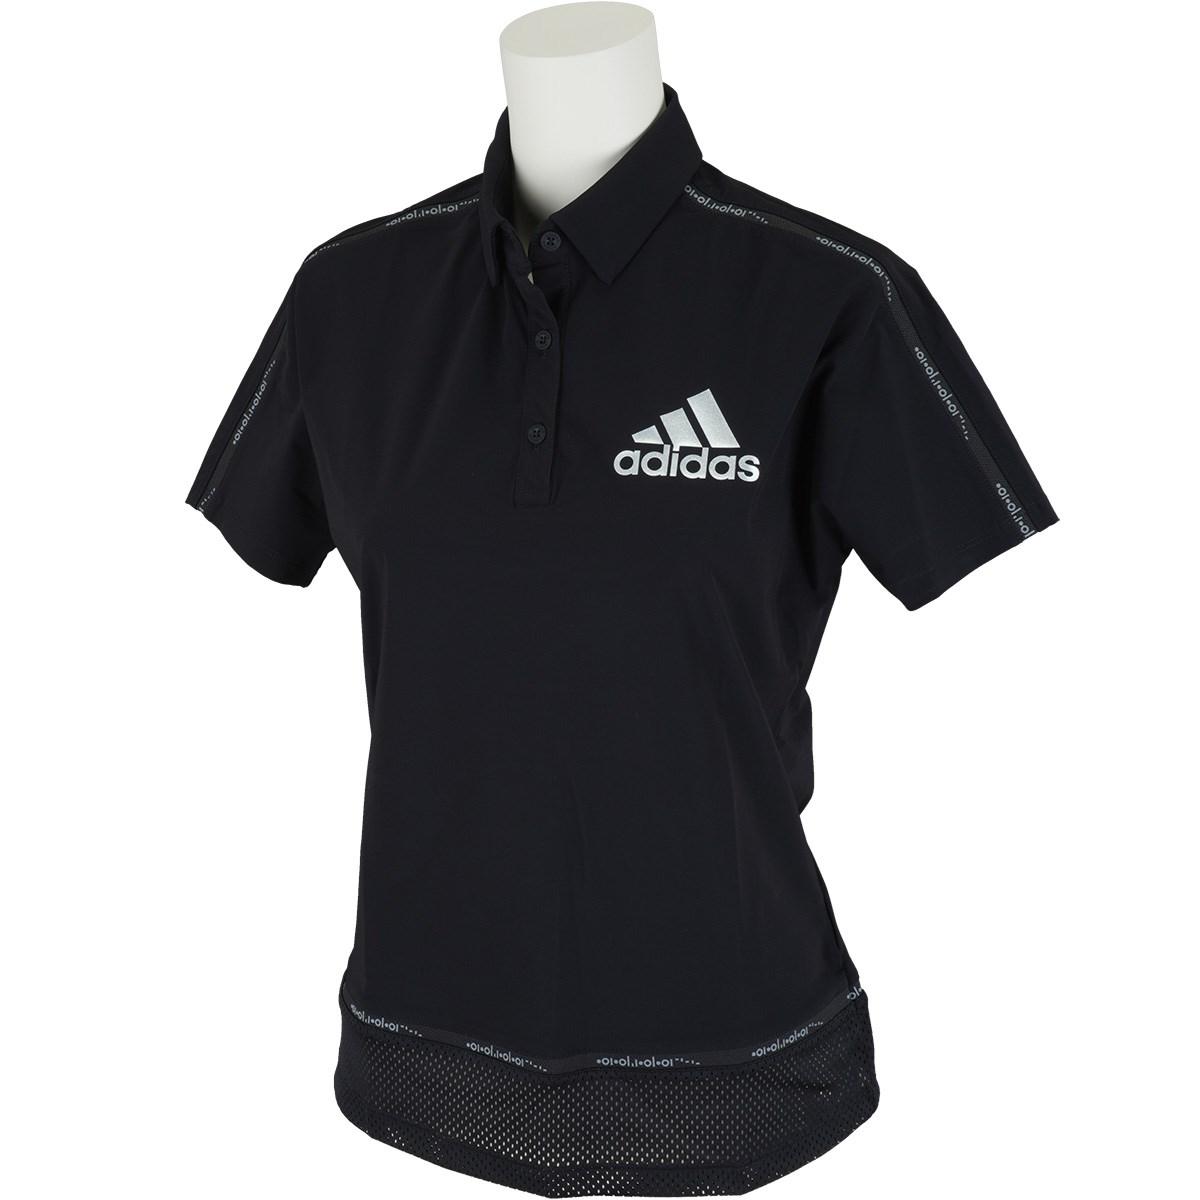 アディダス Adidas ラインド半袖ポロシャツ J/S ブラック レディス